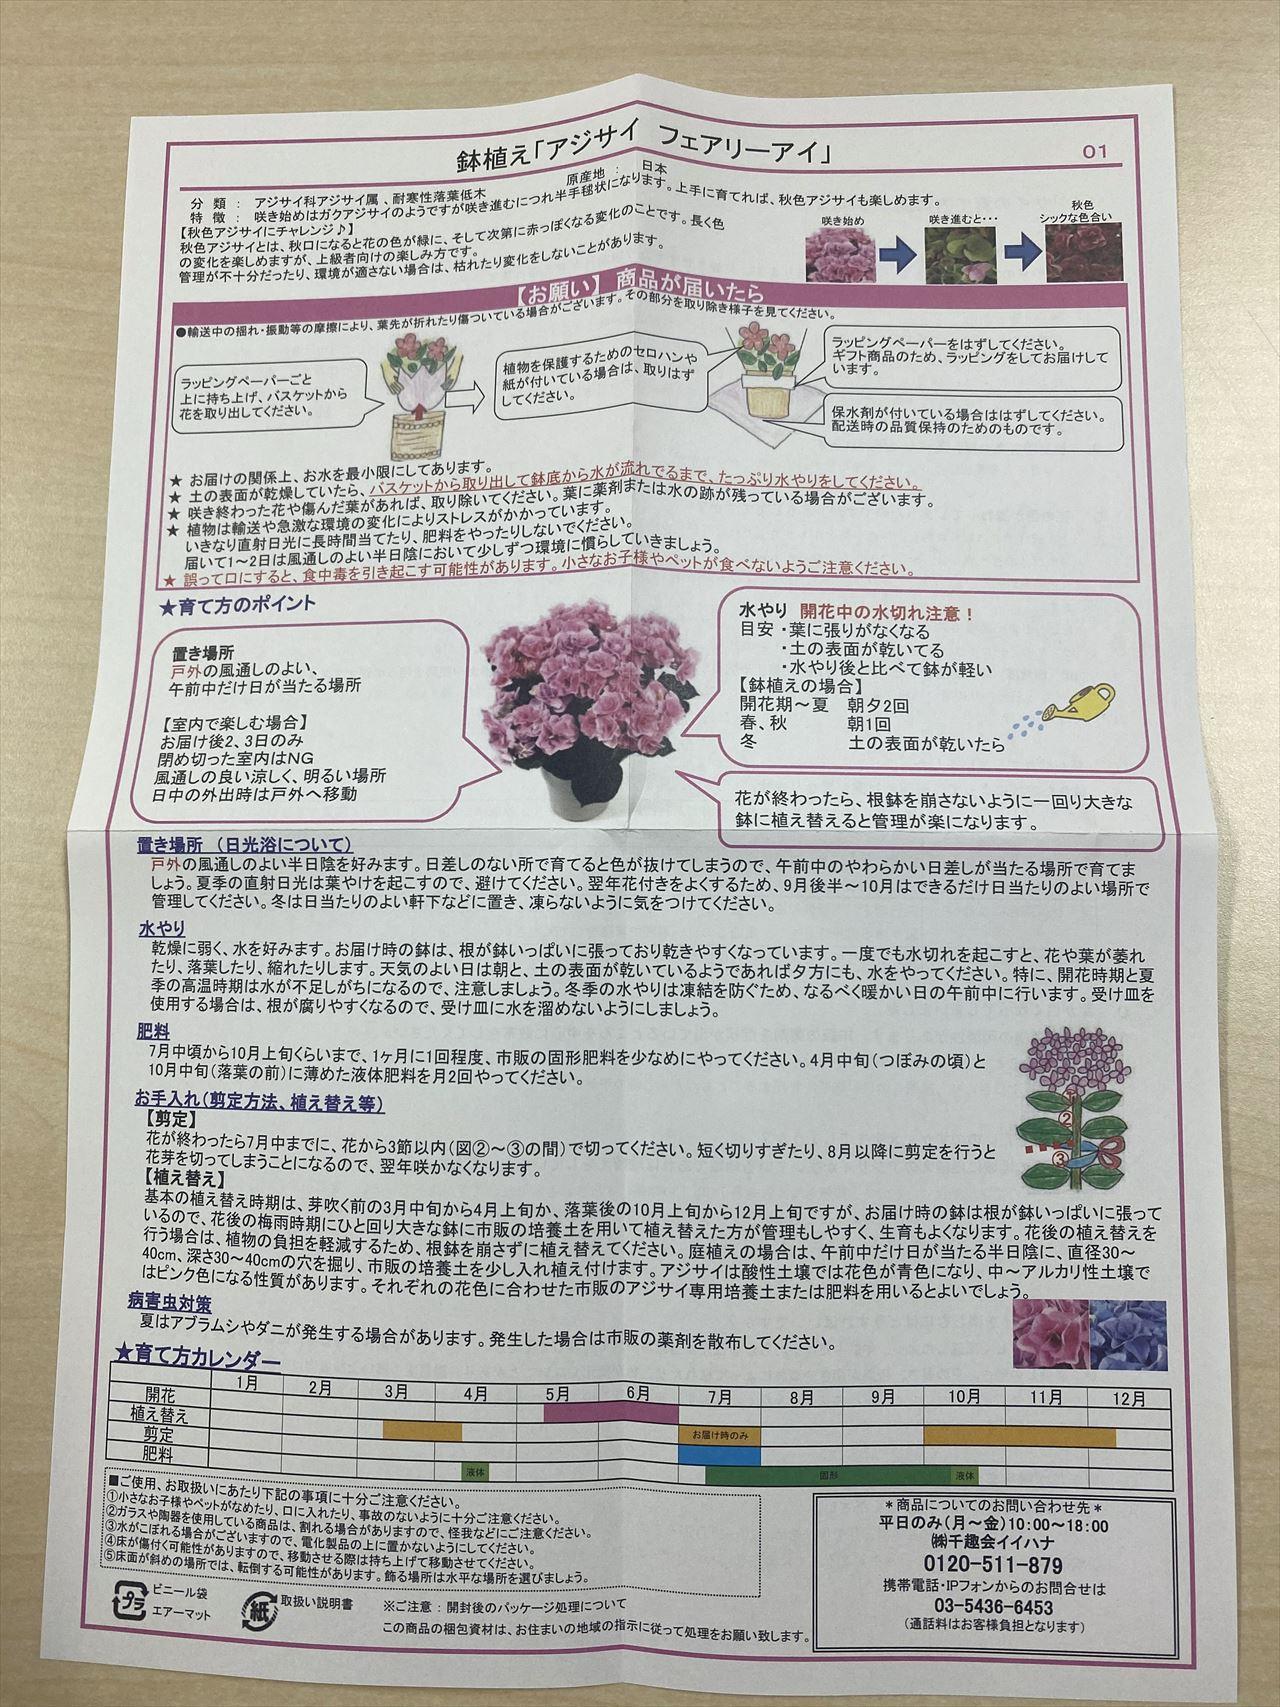 e87アジサイ鉢植え「フェアリーアイ」の栽培説明書